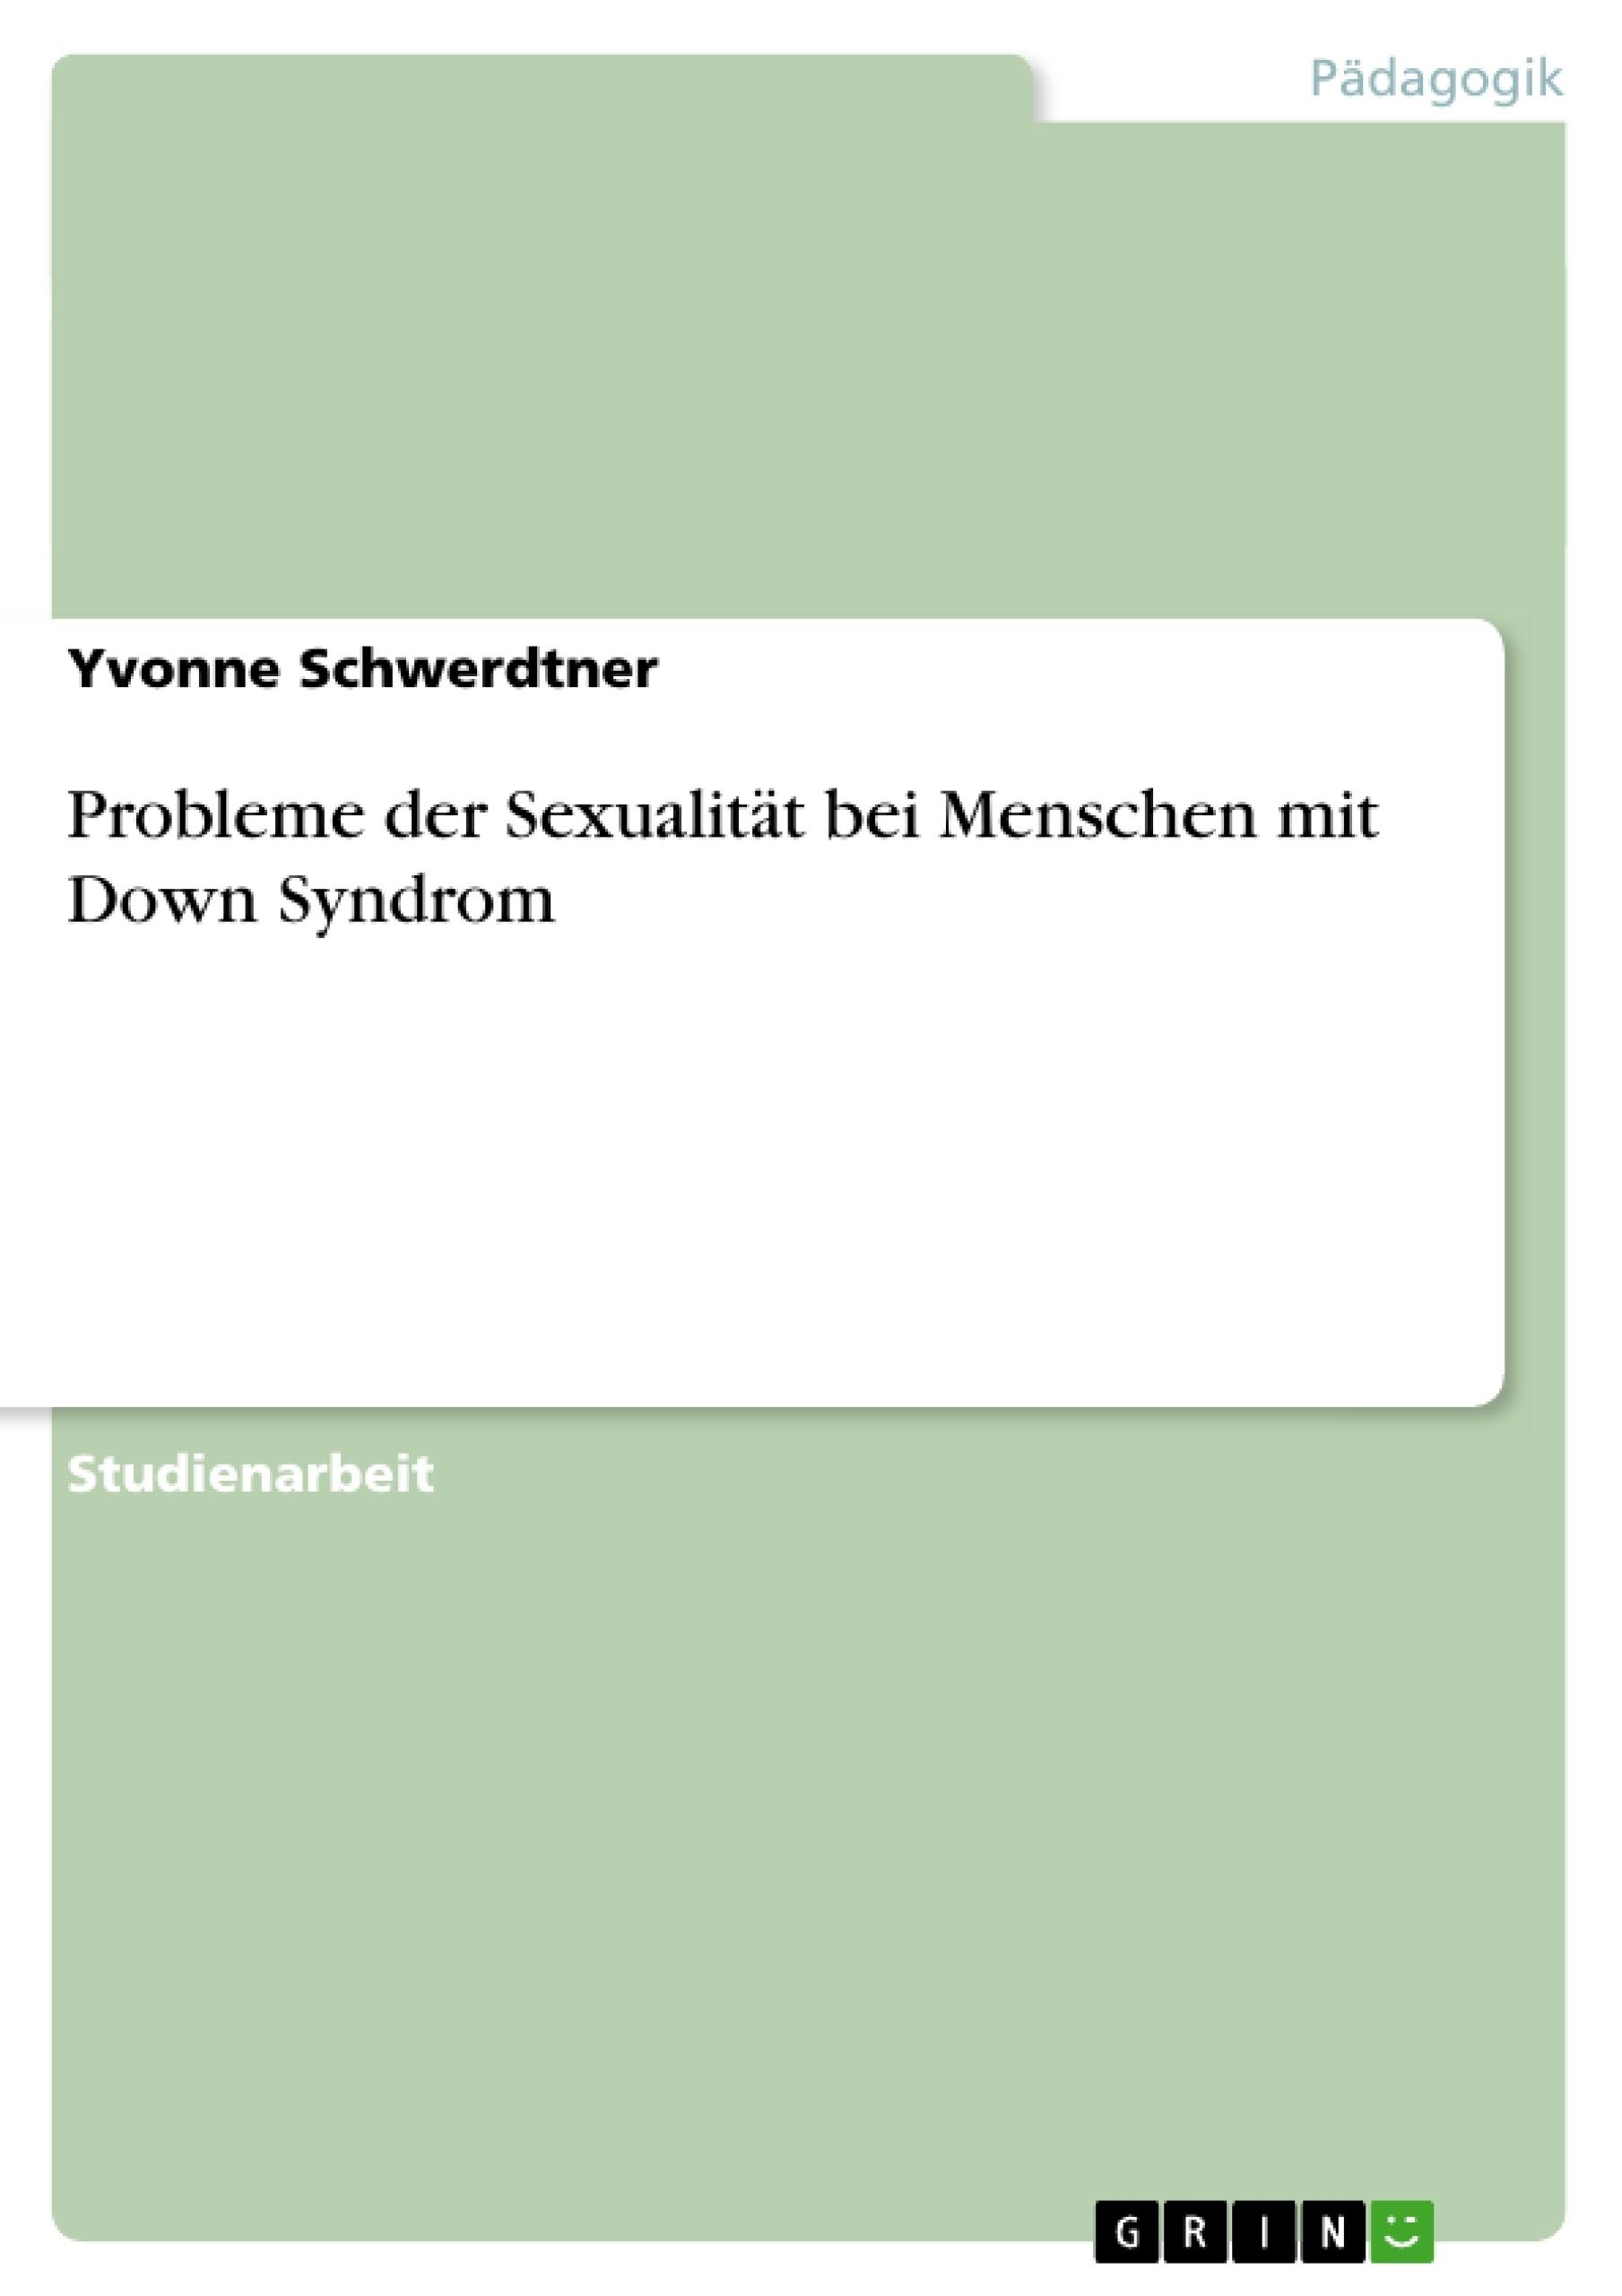 Titel: Probleme der Sexualität bei Menschen mit Down Syndrom